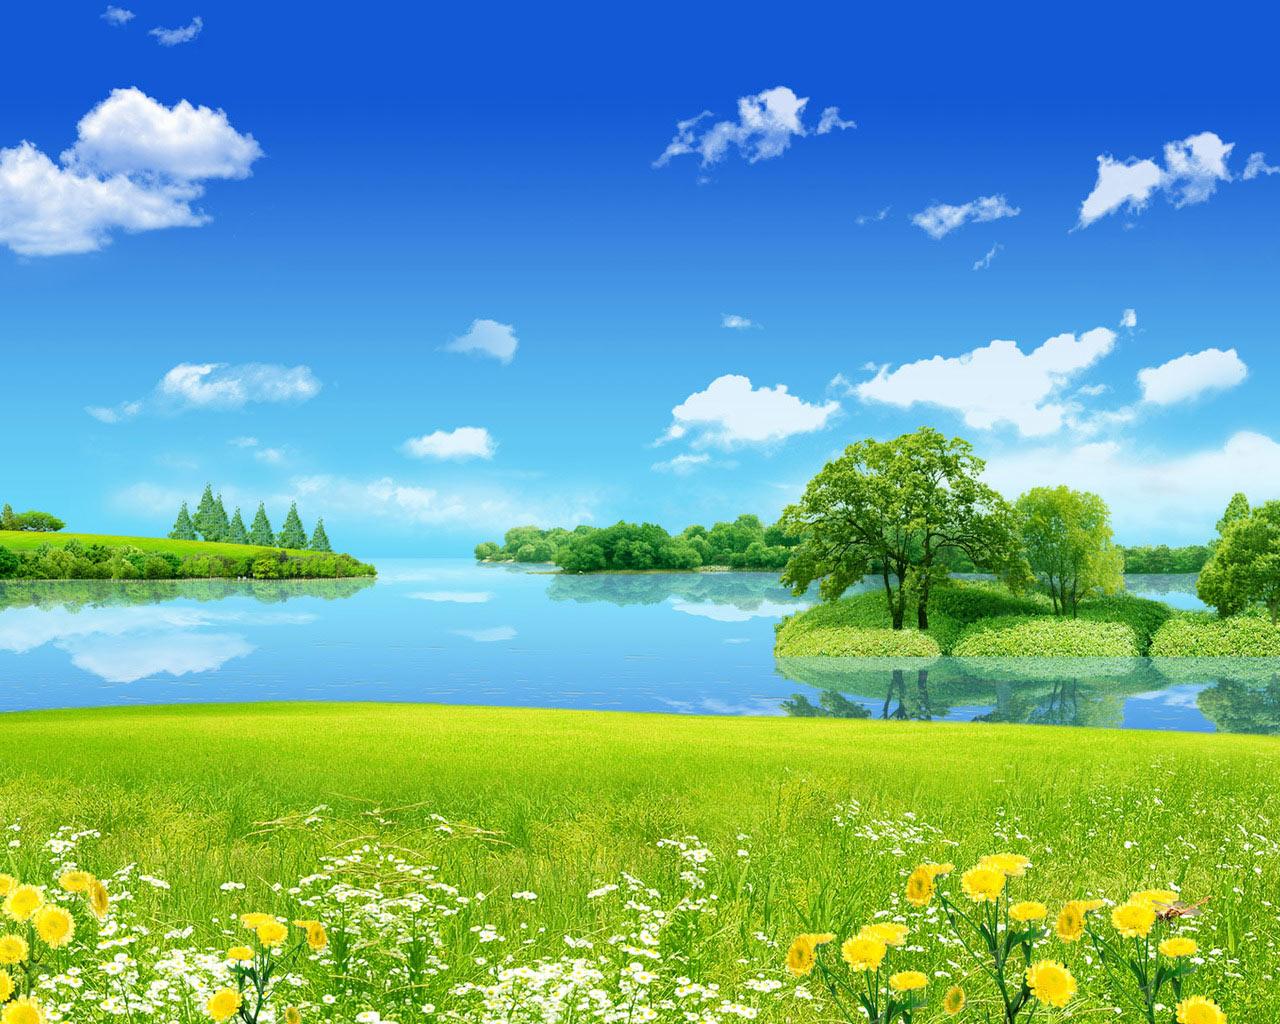 Природы райские места 1280 x 1024